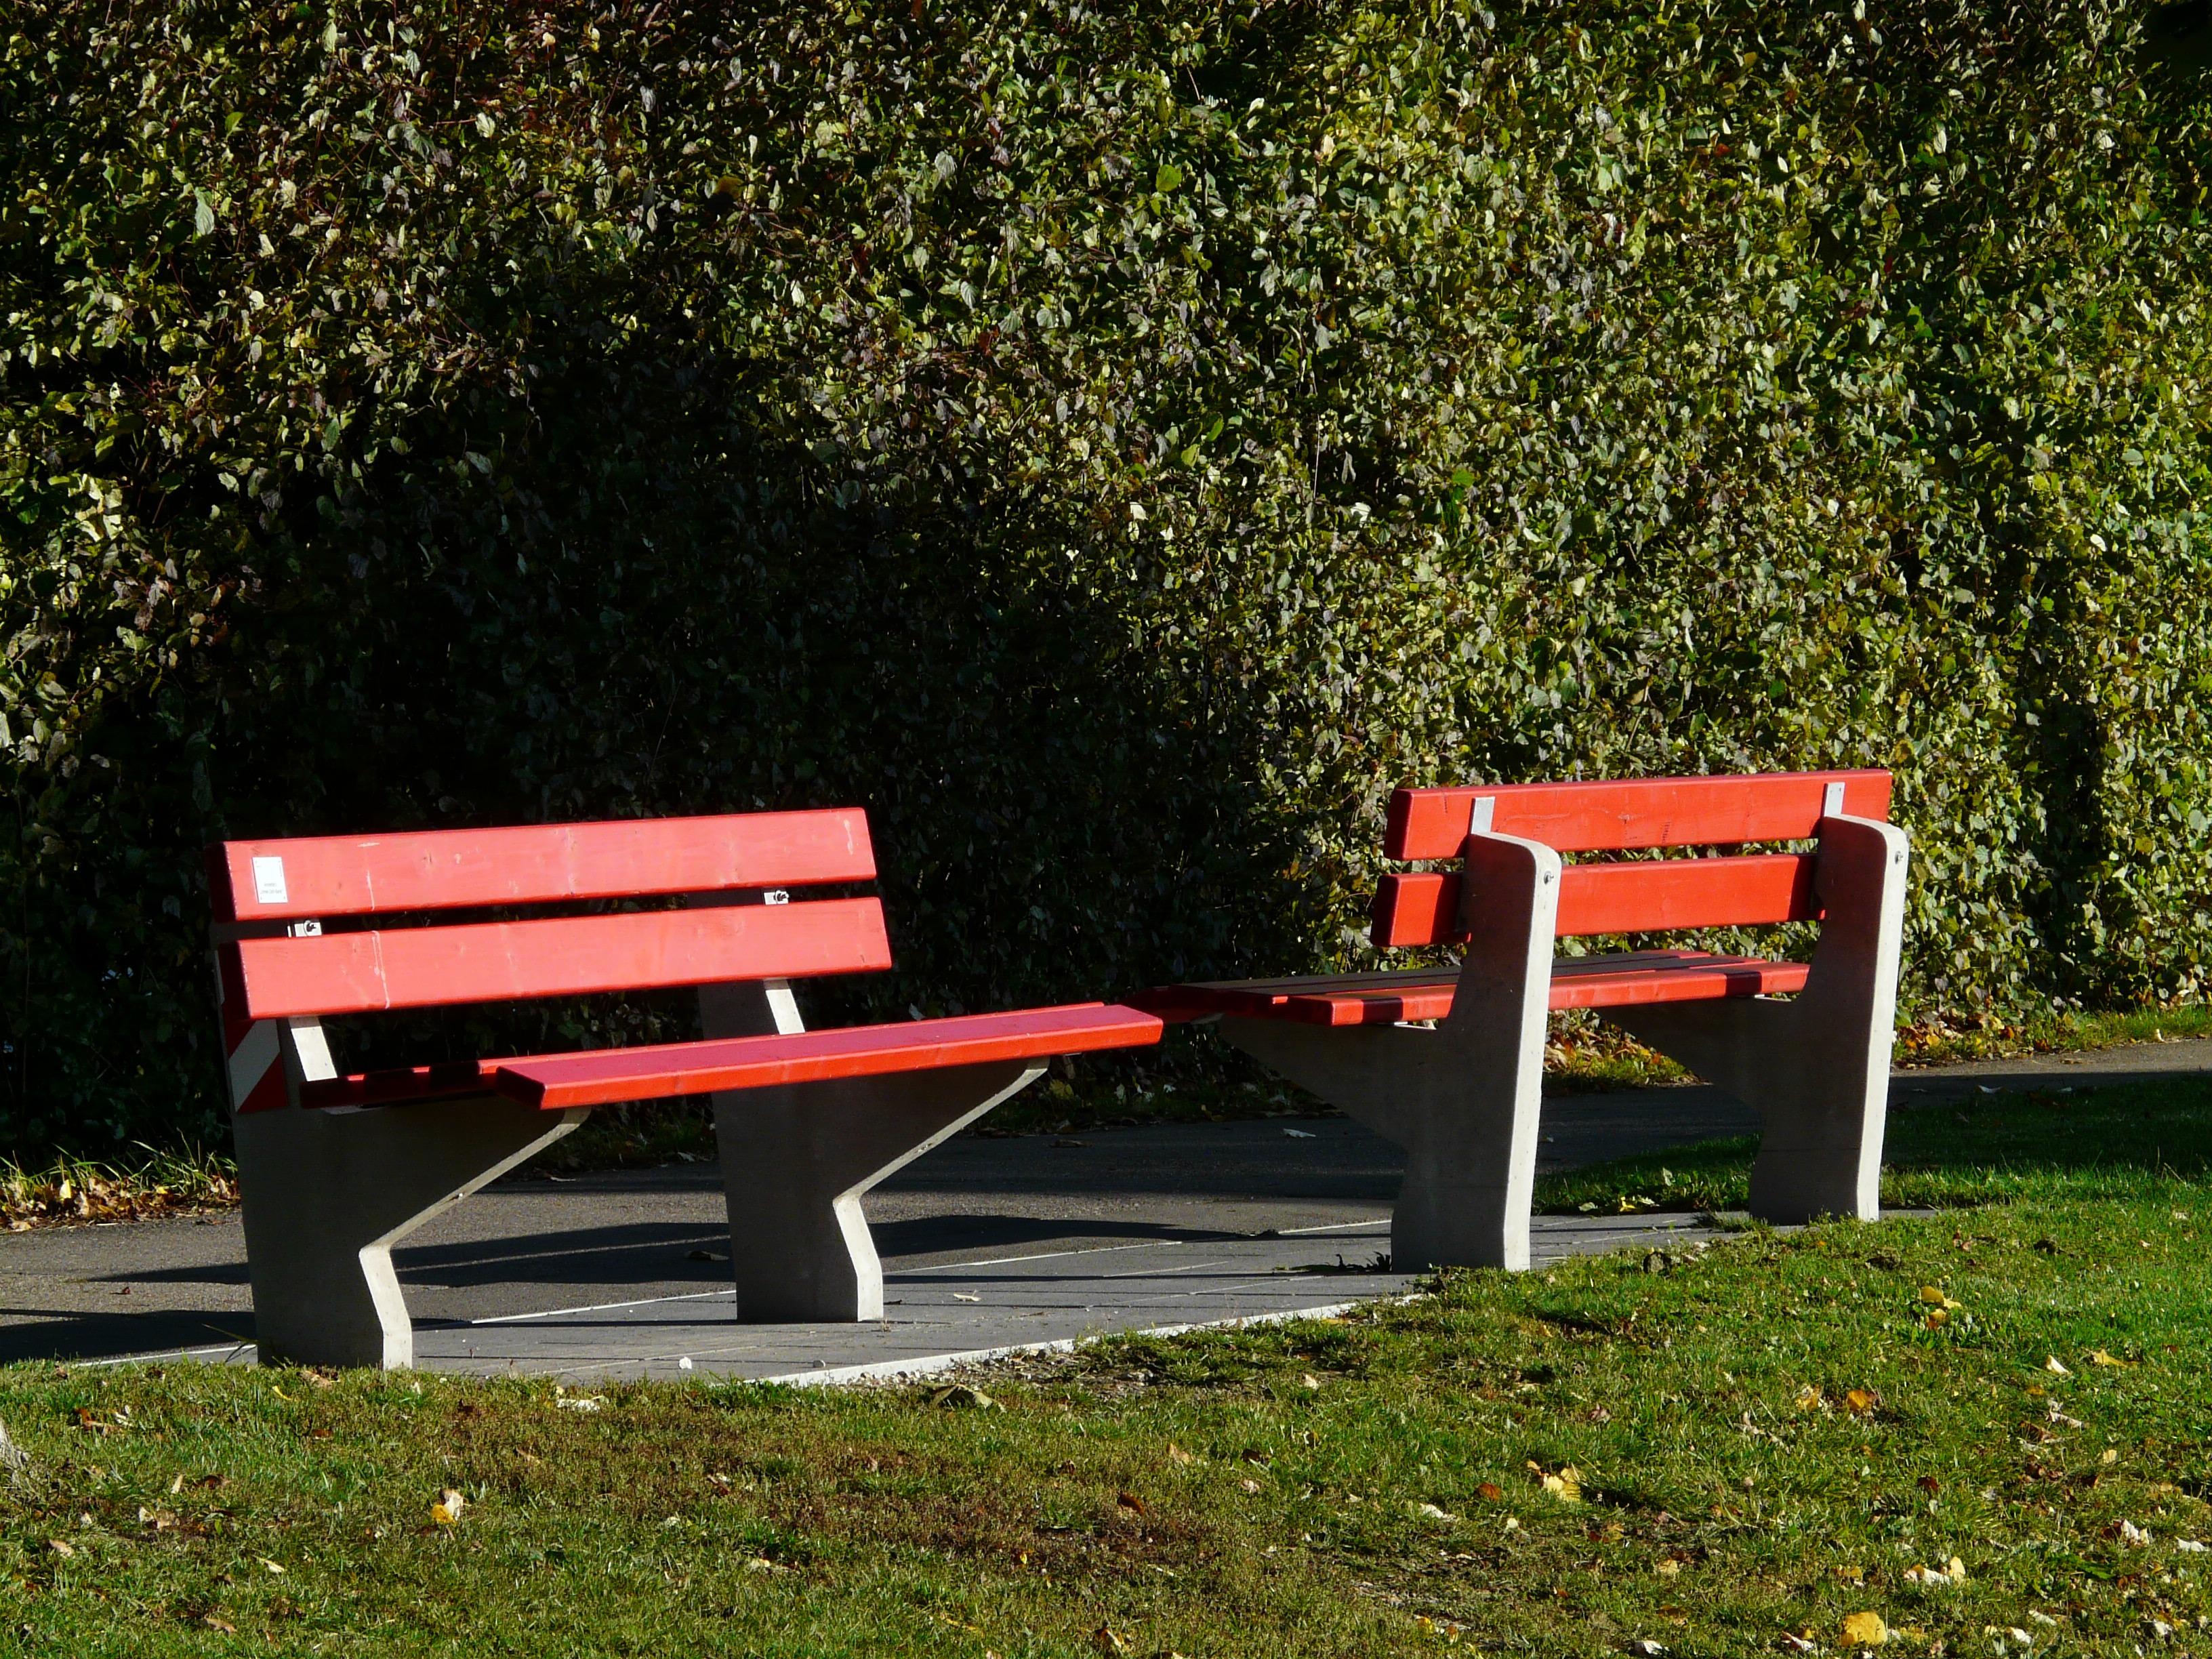 Fotos gratis : mesa, césped, banco, silla, asiento, rojo, vehículo ...